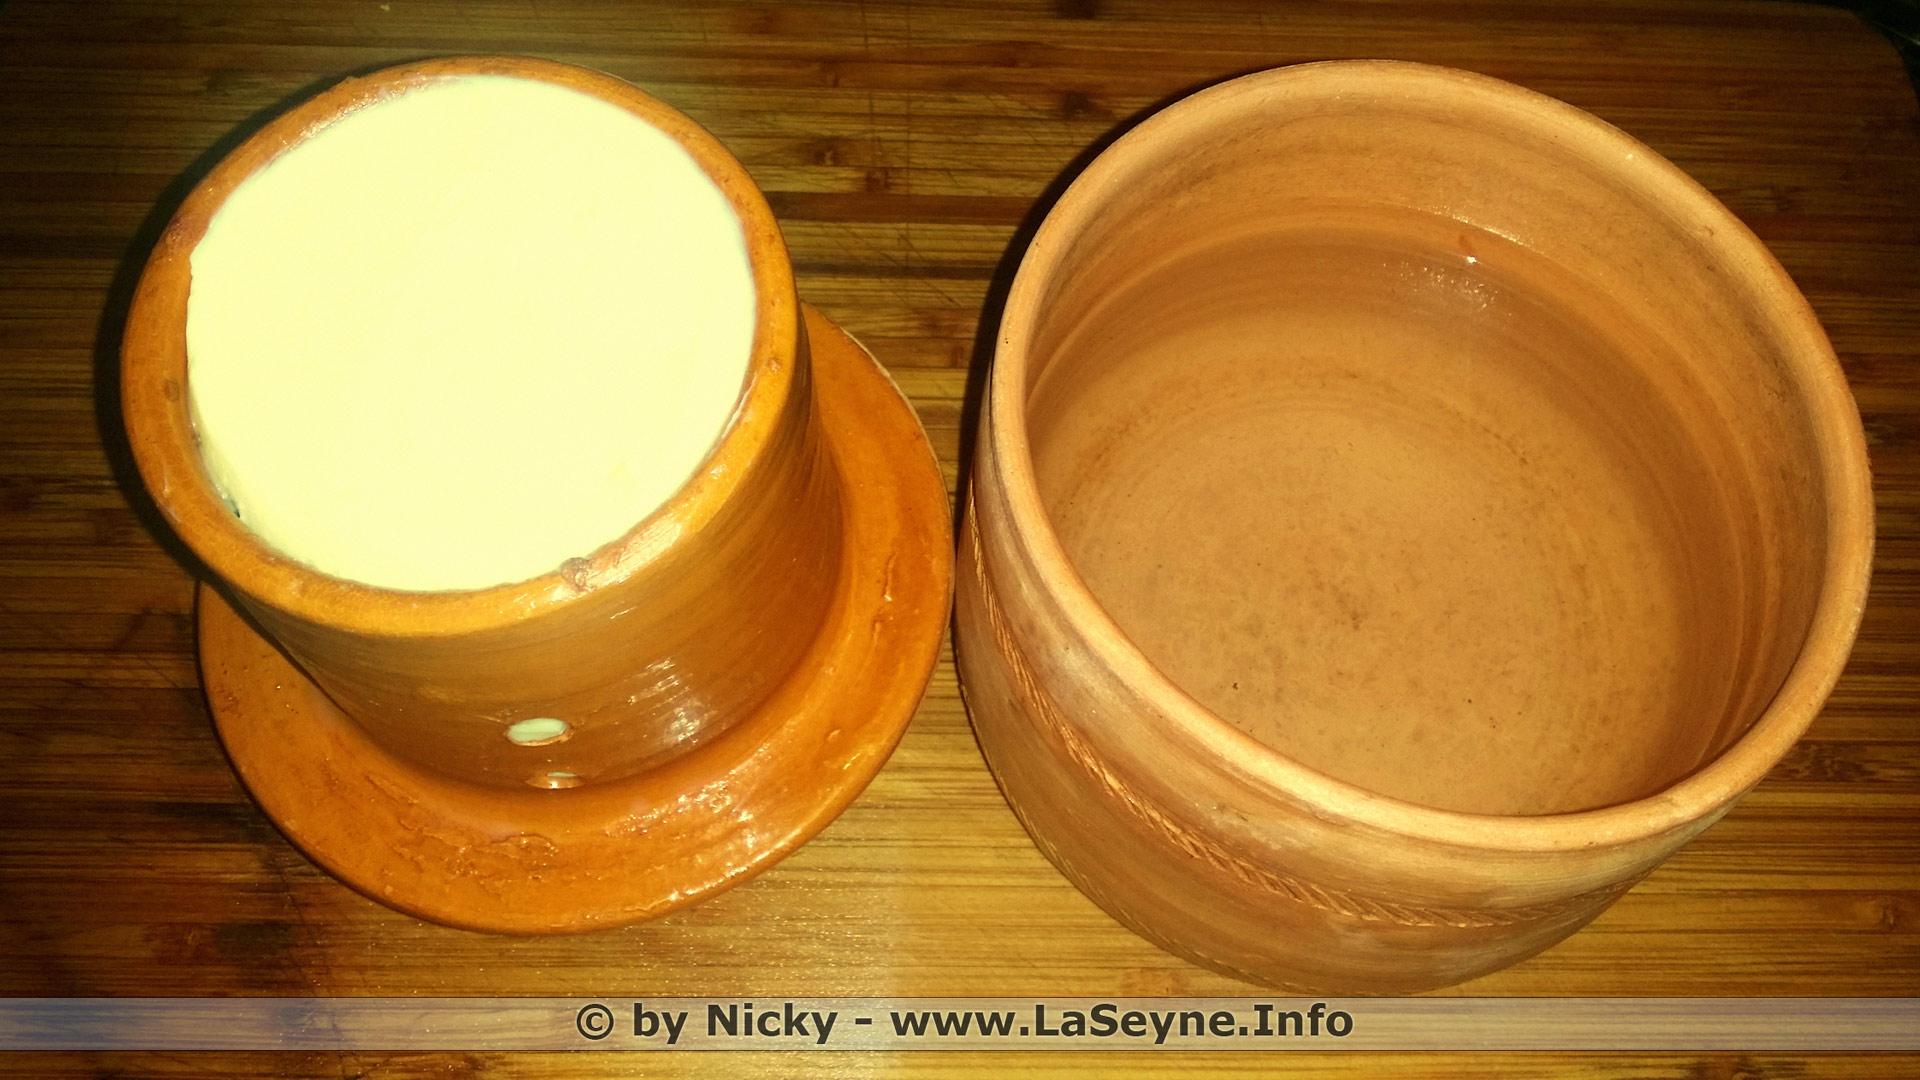 Laseyne info beurre demi sel fait maison - Beurre demi sel maison ...